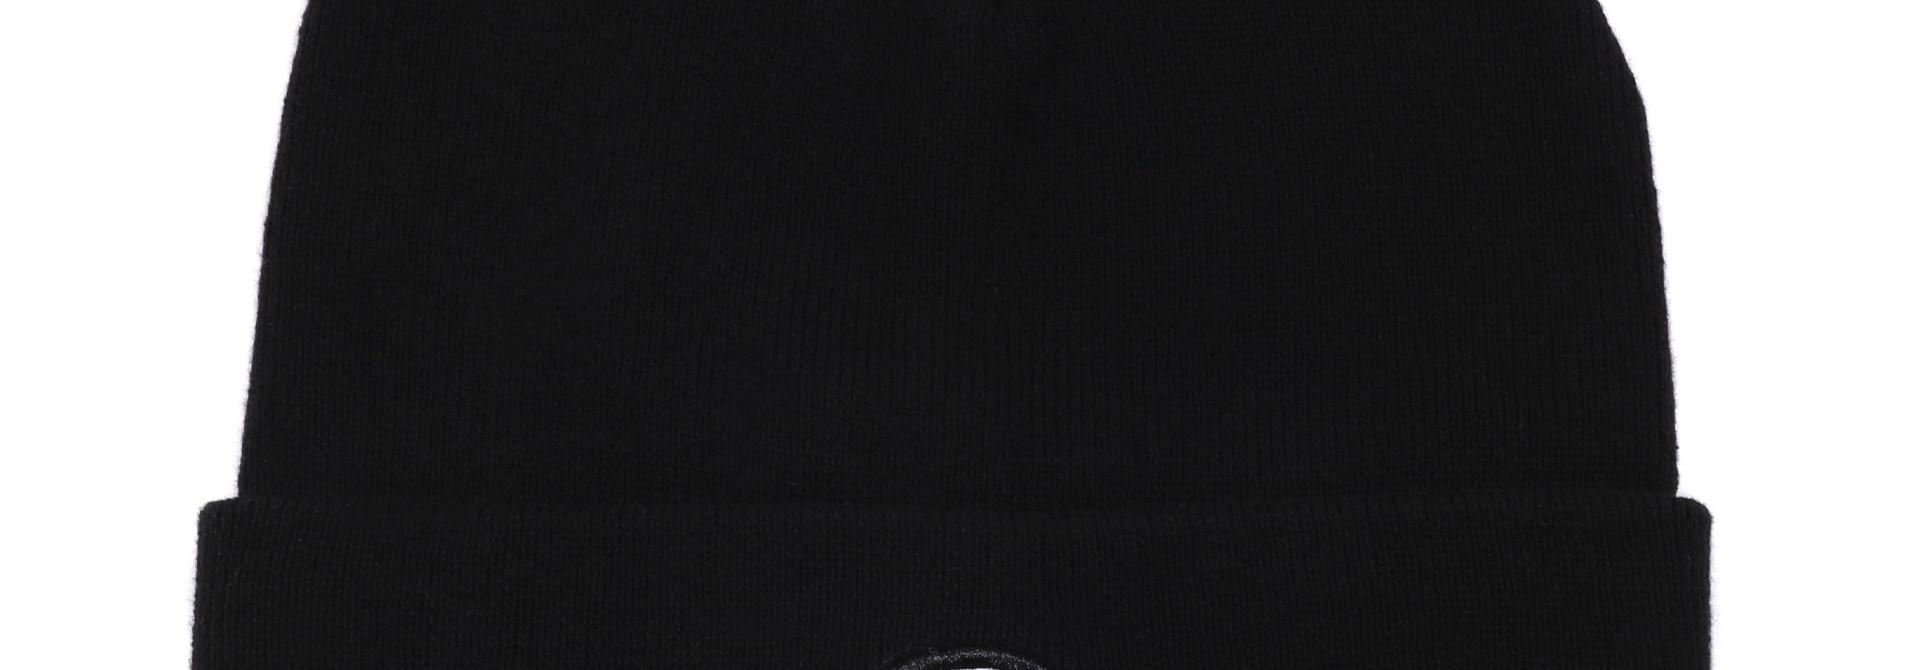 Tuque en tricot Noire